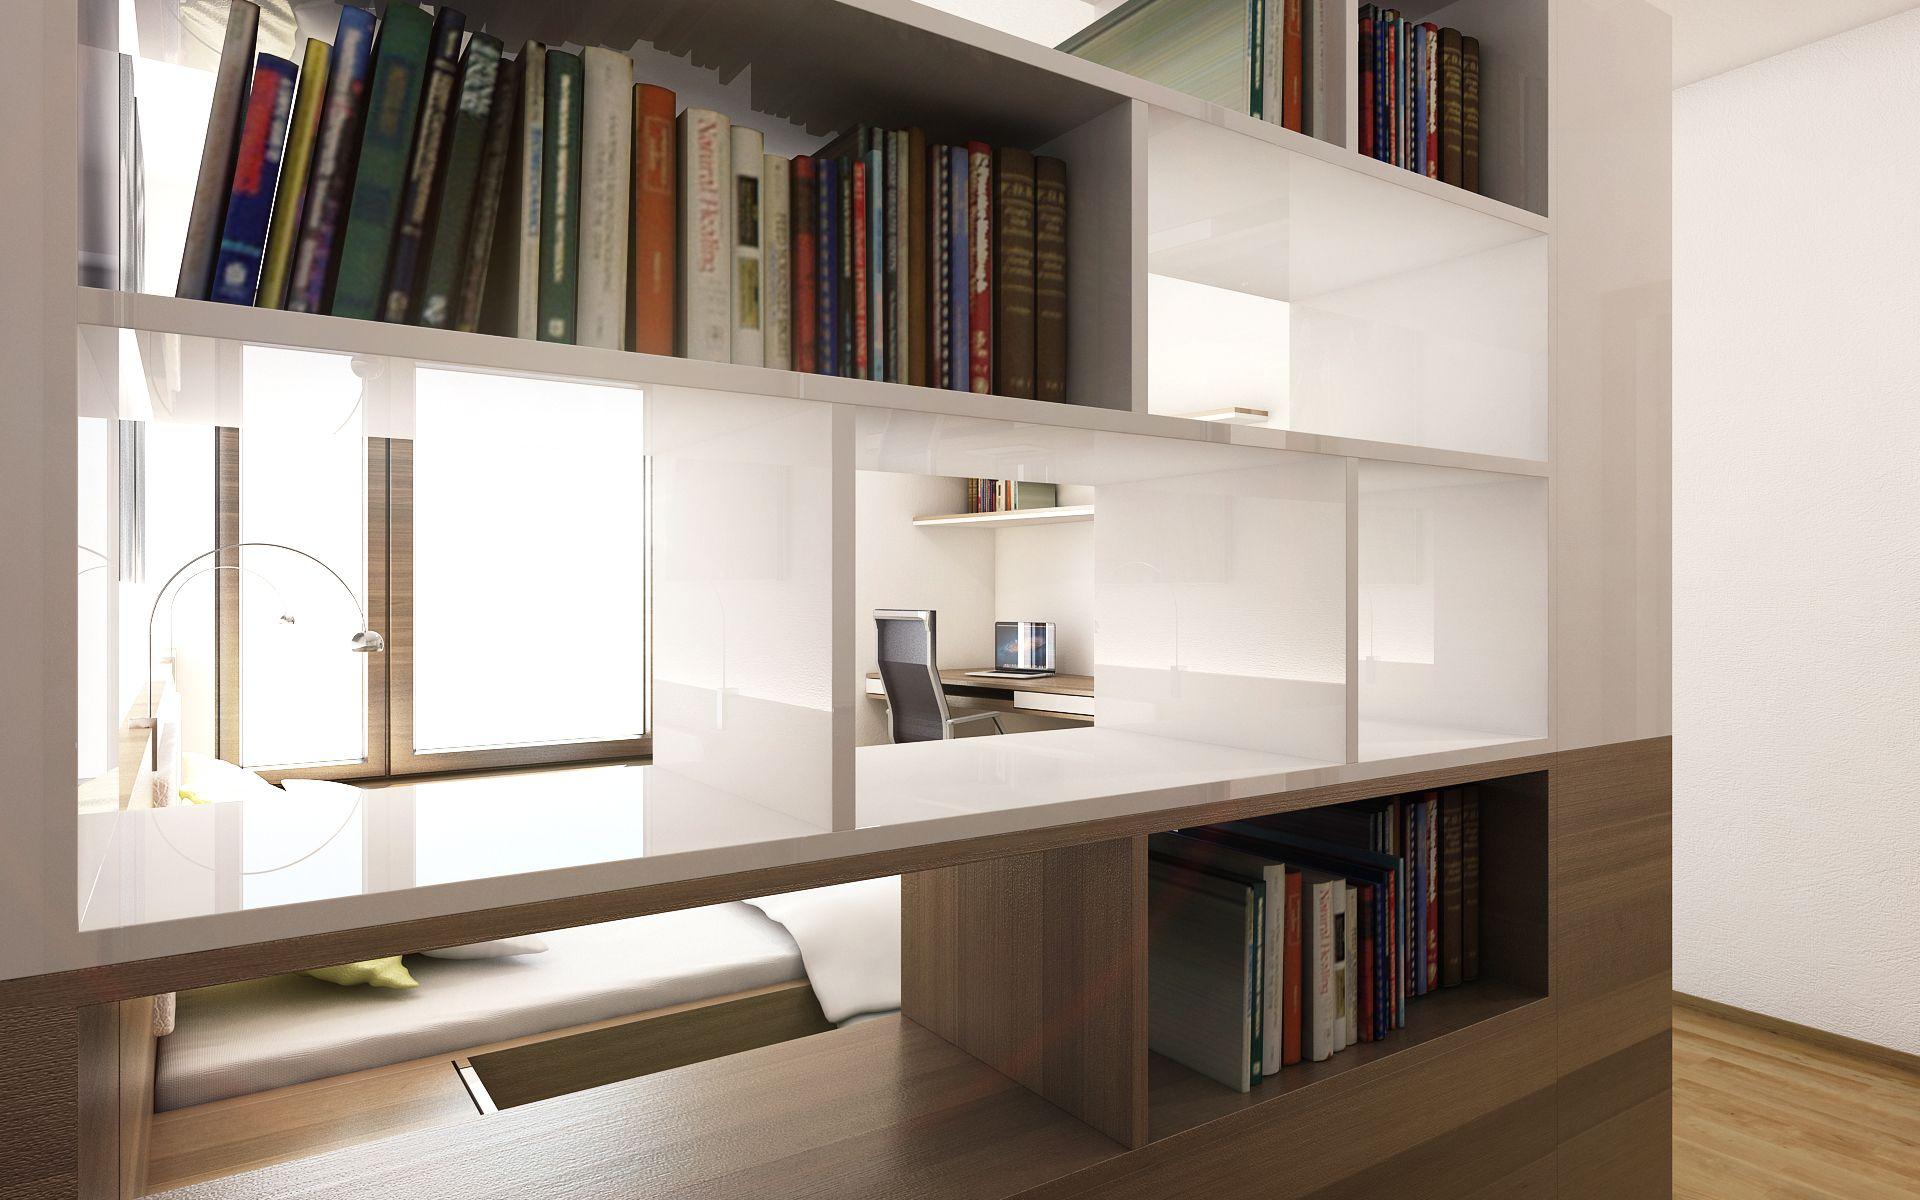 Knihovna dokonale lad ke zbytku ložnice a nabz dostatek prostoru nejen pro knihy